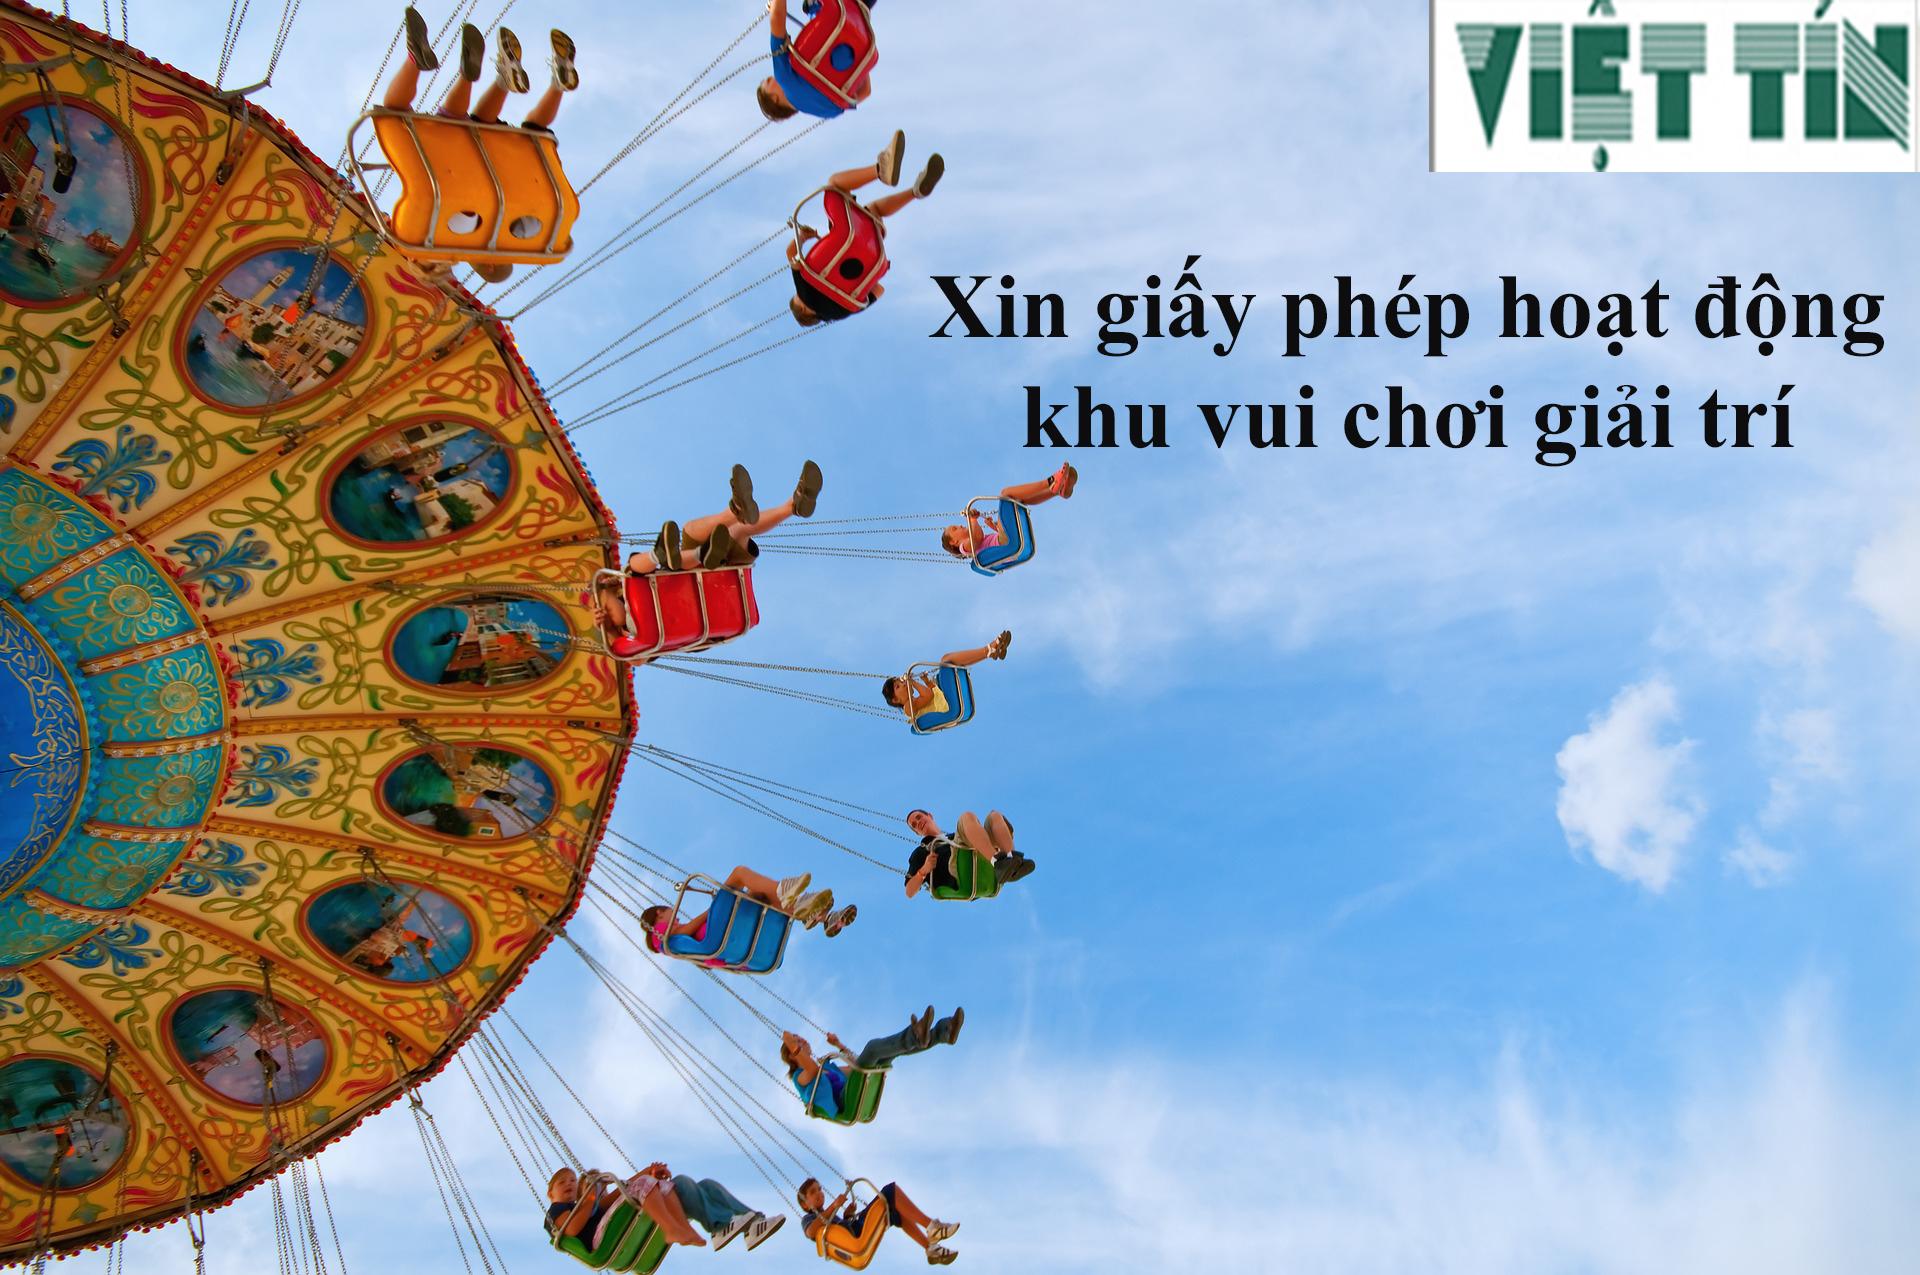 Xin giấy phép hoạt động trung tâm giải trí tại Luật Việt Tín